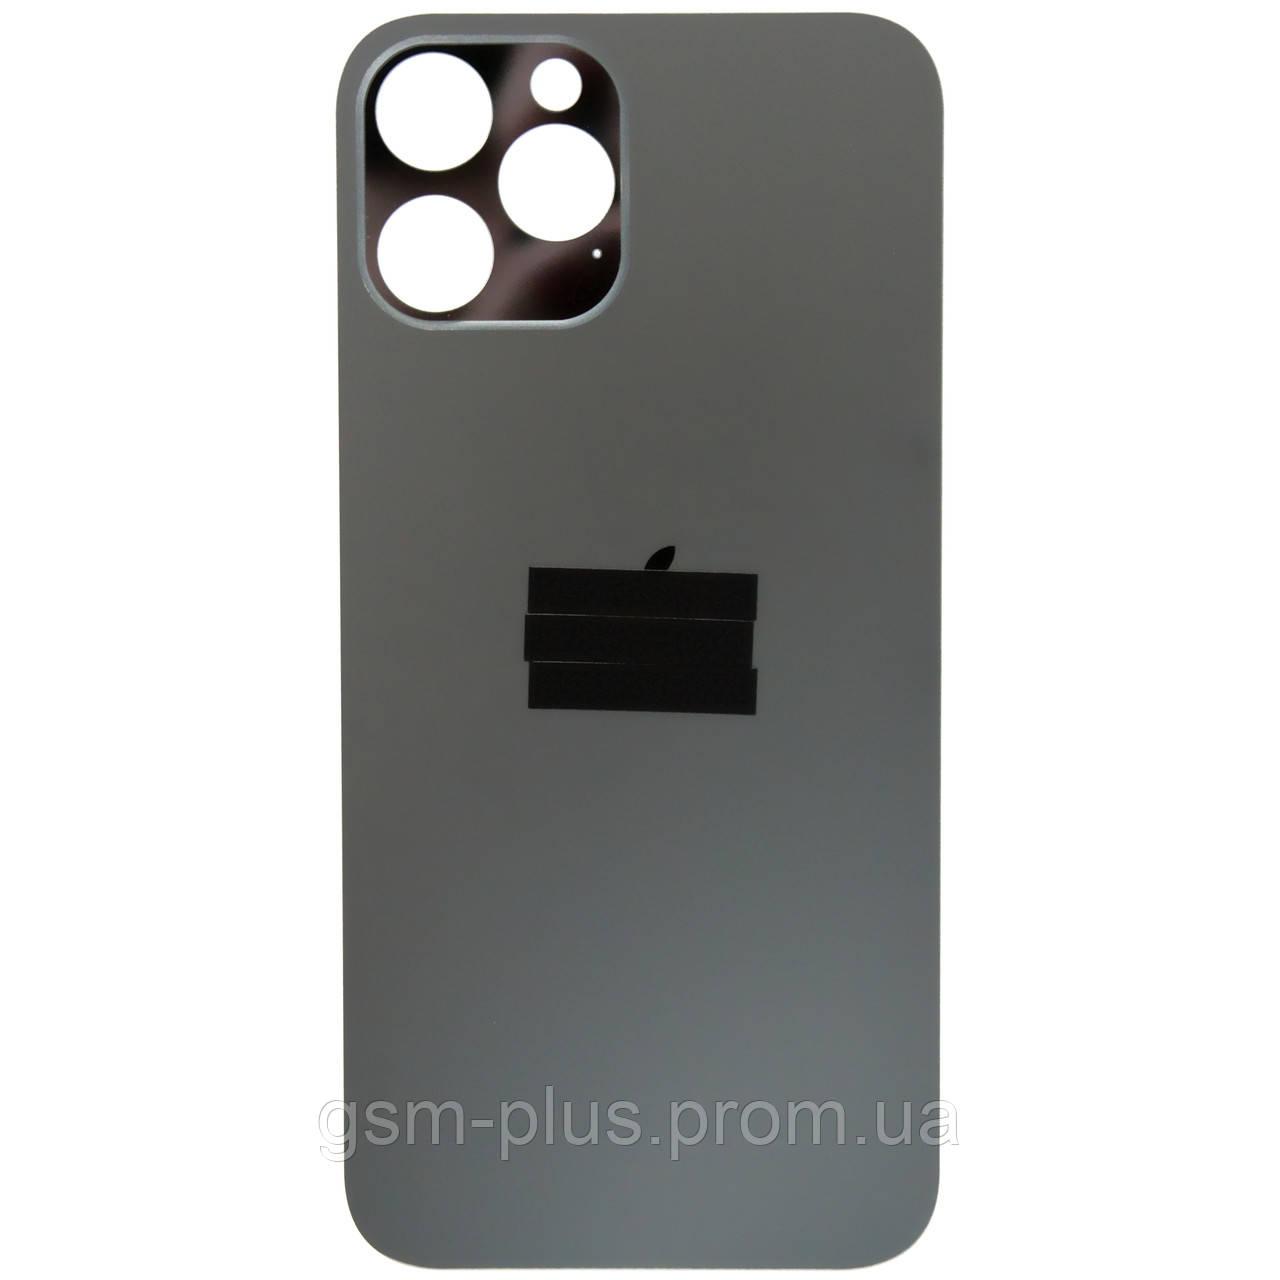 Кришка задня iPhone 12 Pro Max Graphite (великий виріз під камеру)